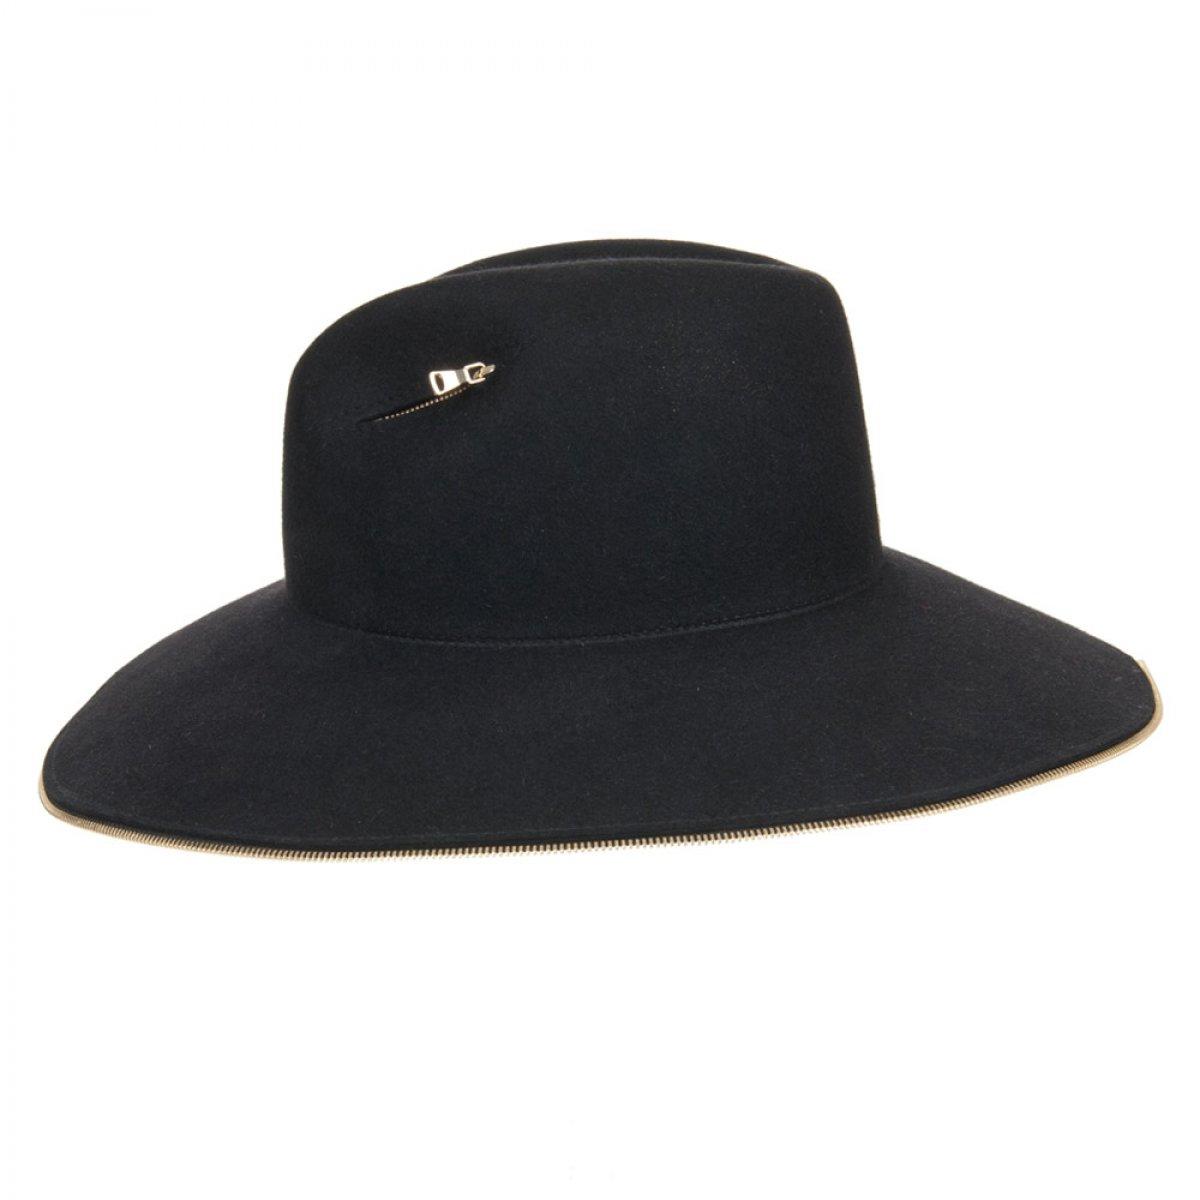 cappello con tesa larga da donna firmato MAYSER ... c54e05e01d53